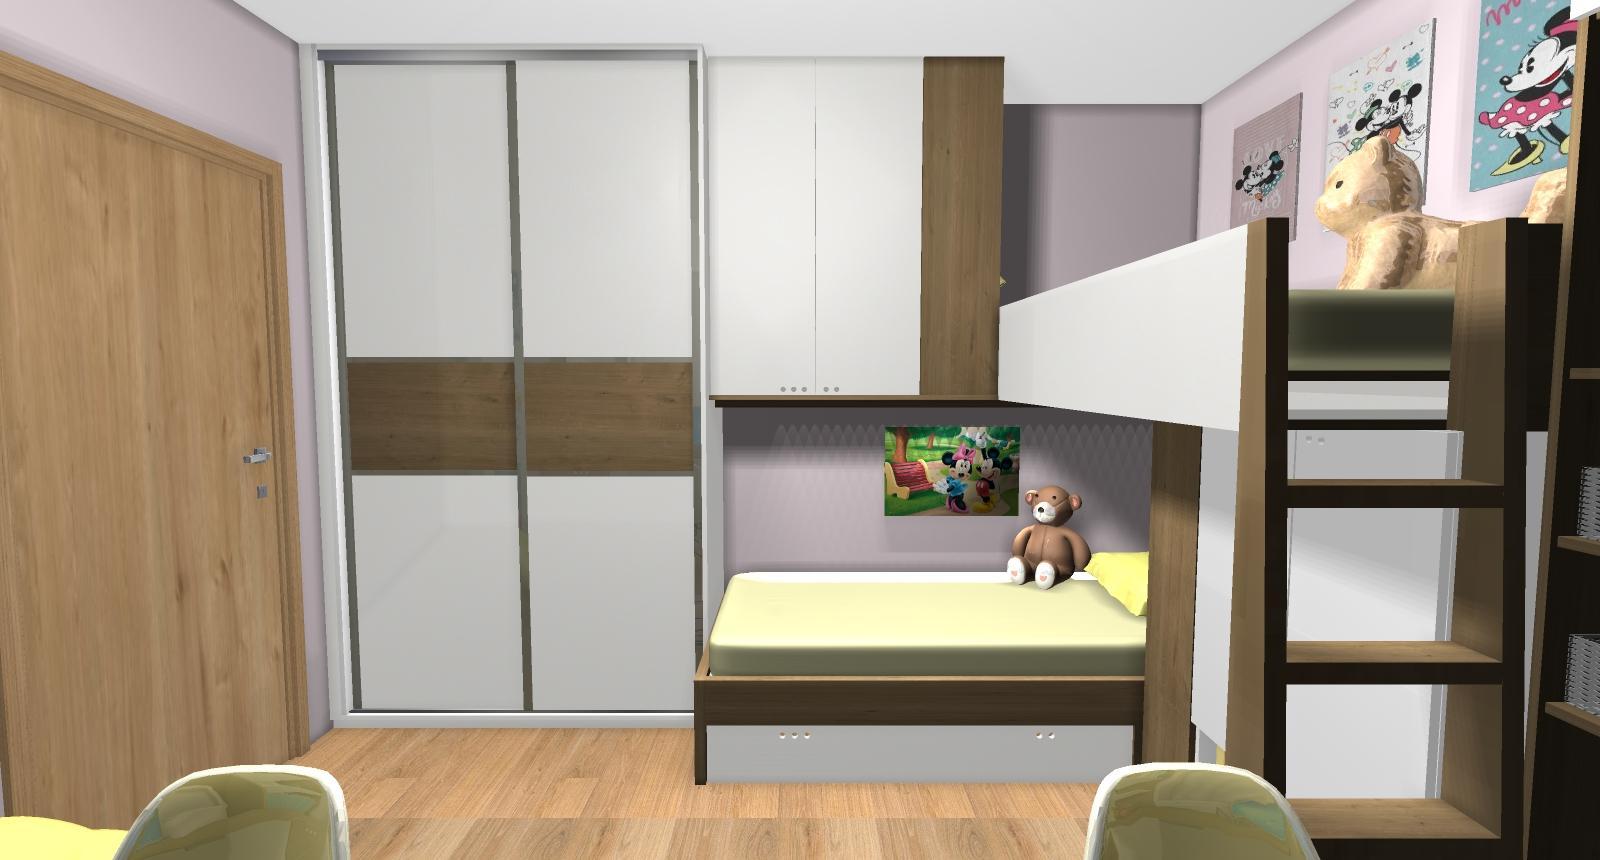 Grafické návrhy interiér 2019 - Grafický návrh detskej izby pre dve dievčatká - verzia 2 - obr.2